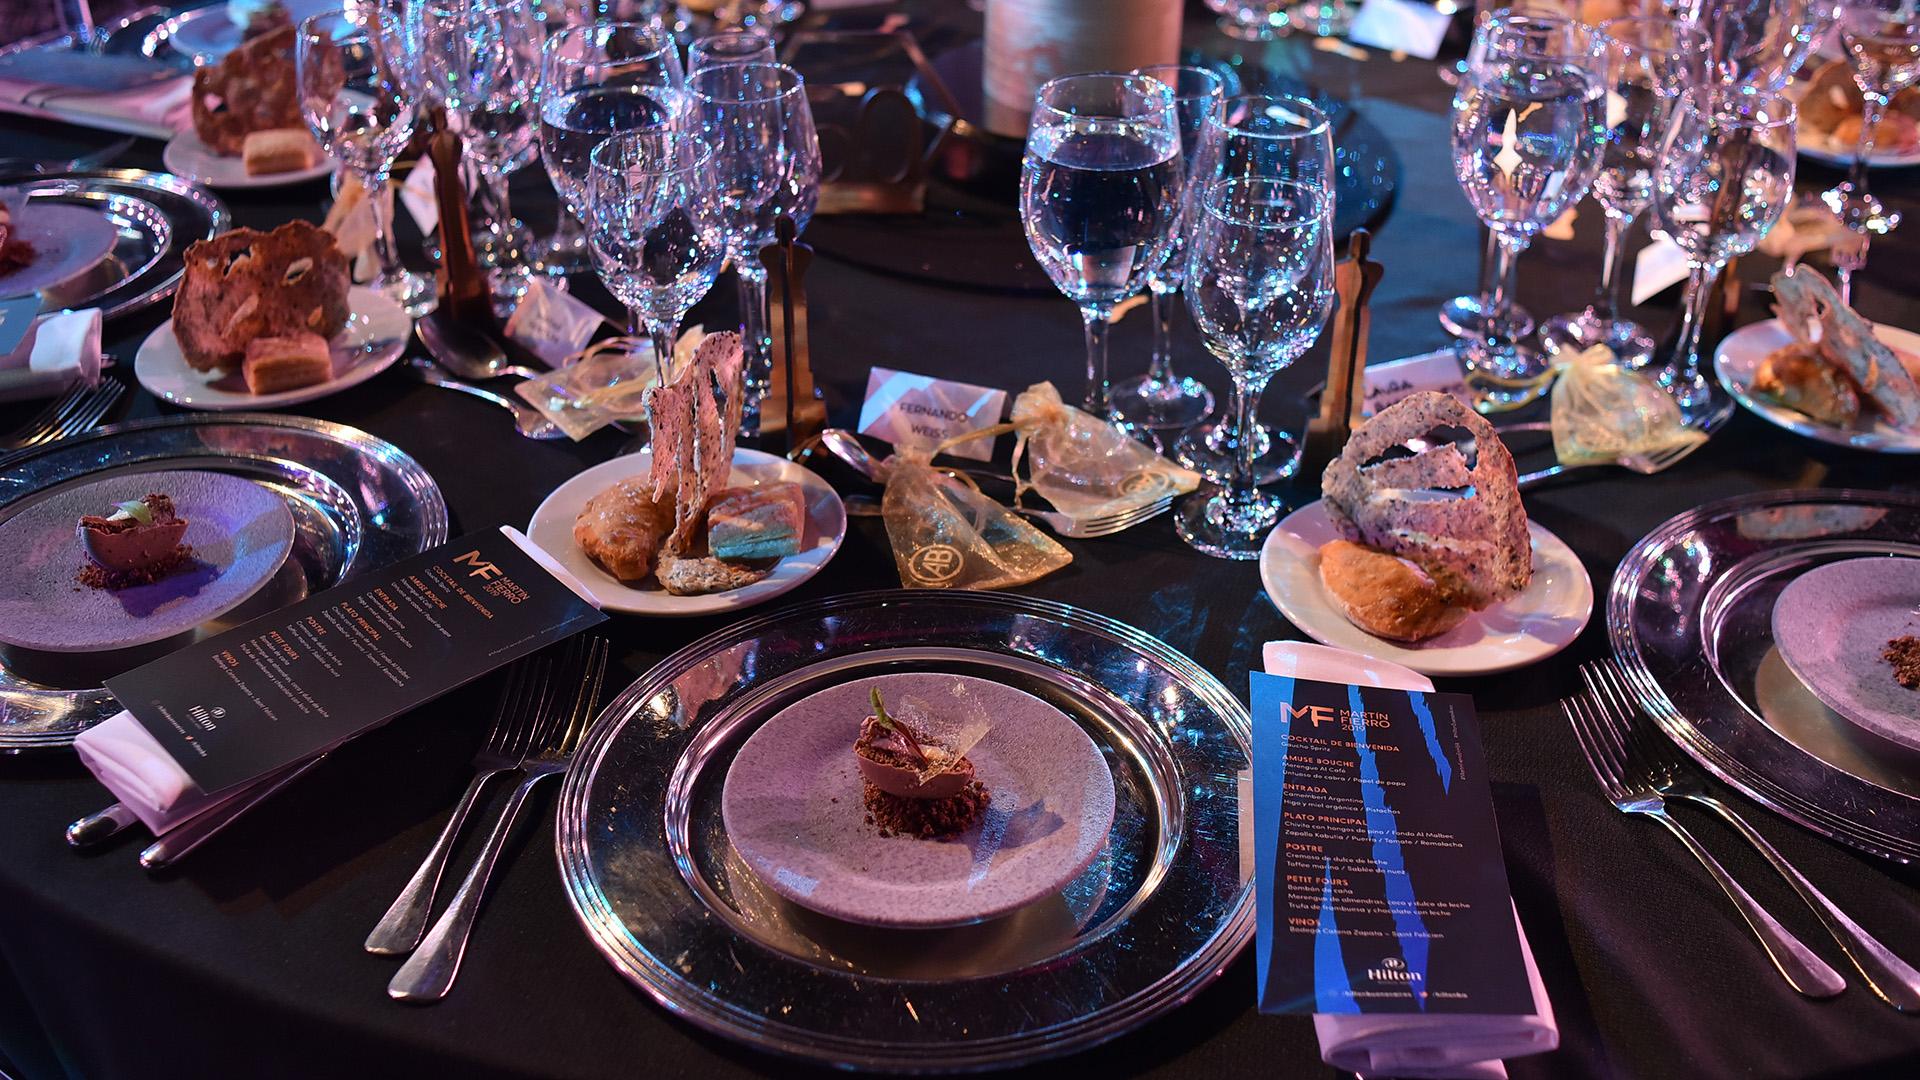 Las lujosas mesas en el salón Pacífico del Hilton. El menú: de entrada, Camembert Argentino con higos, miel orgánica y pistachios; plato principal, chivito con hongos de pino con zapallo kabutia, puerros, tomate y remolacha; de postre, cremoso de dulce de leche, toffee marino y sablée de nuez. Luego, petit fours y café